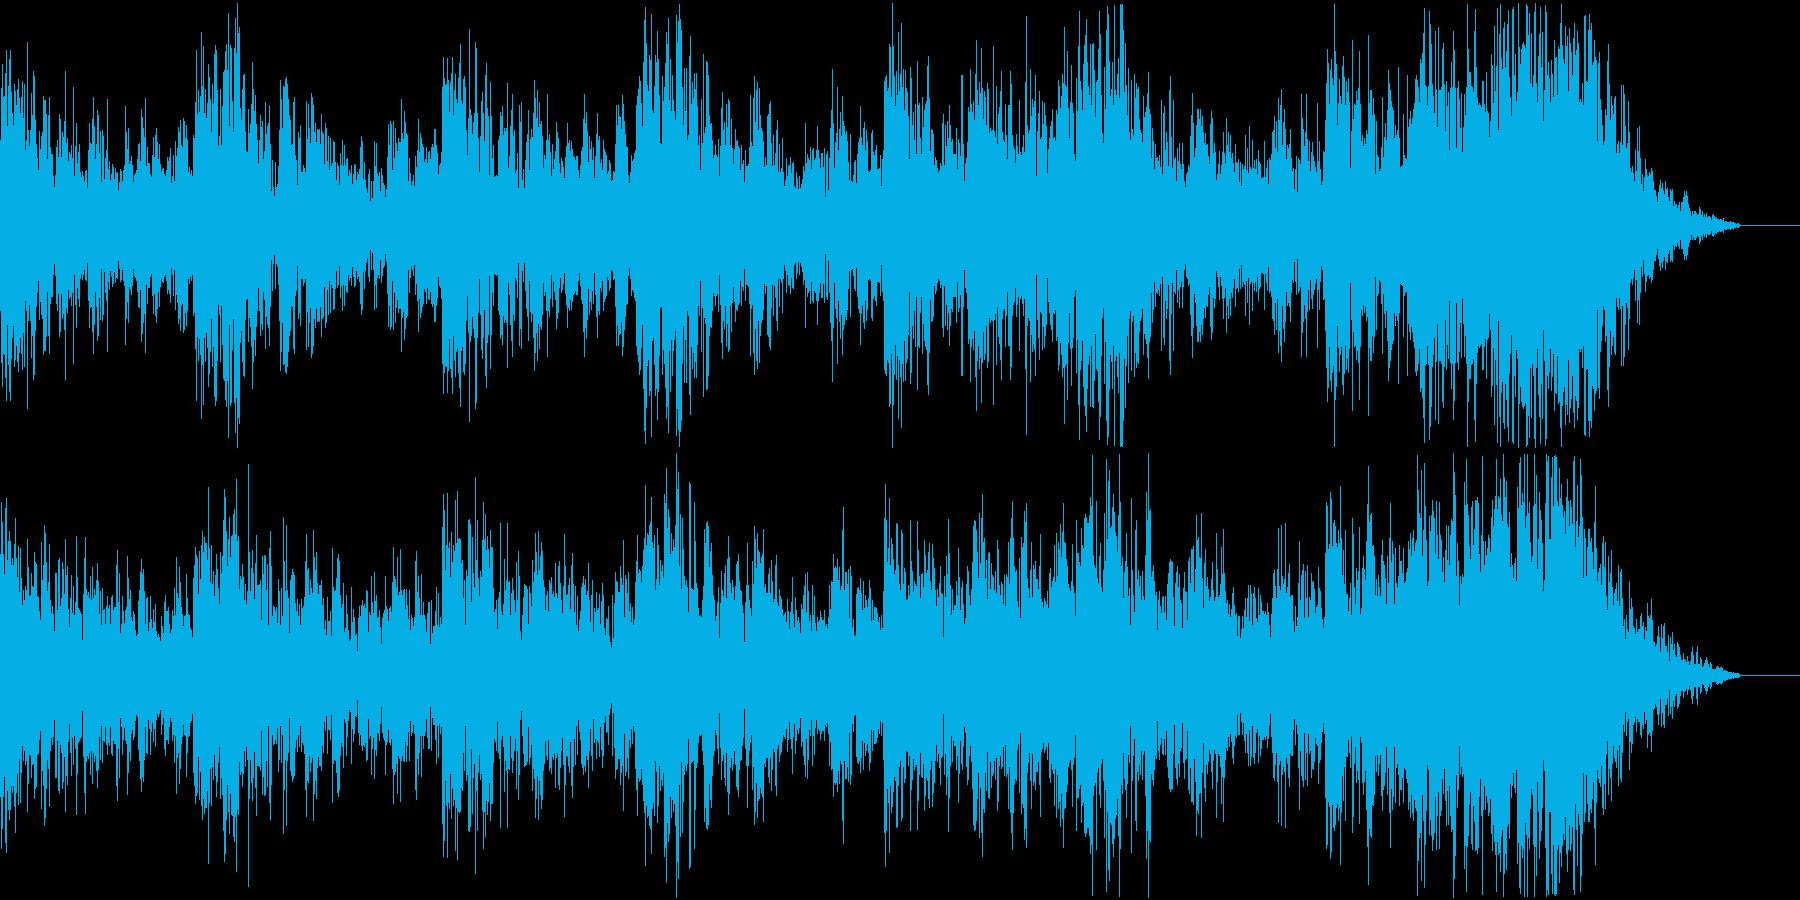 緊迫としたBGMの再生済みの波形